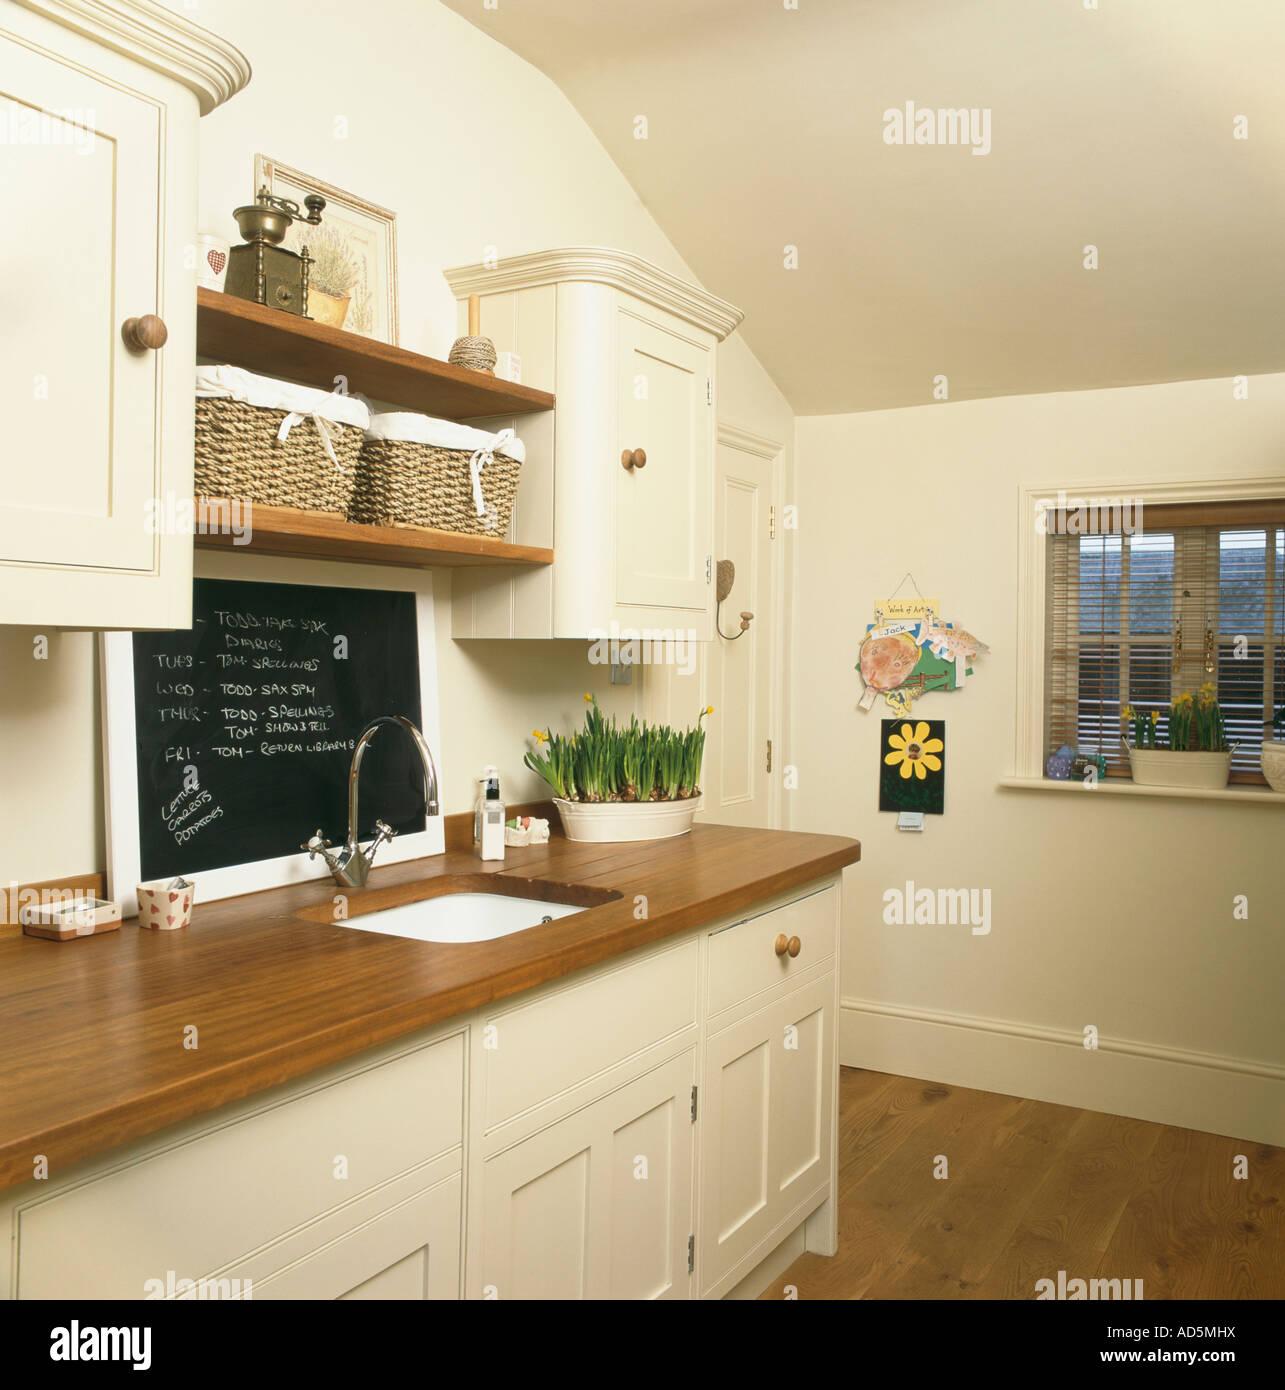 Tafel über dem Waschbecken im Holz Arbeitsplatte in Creme Küche